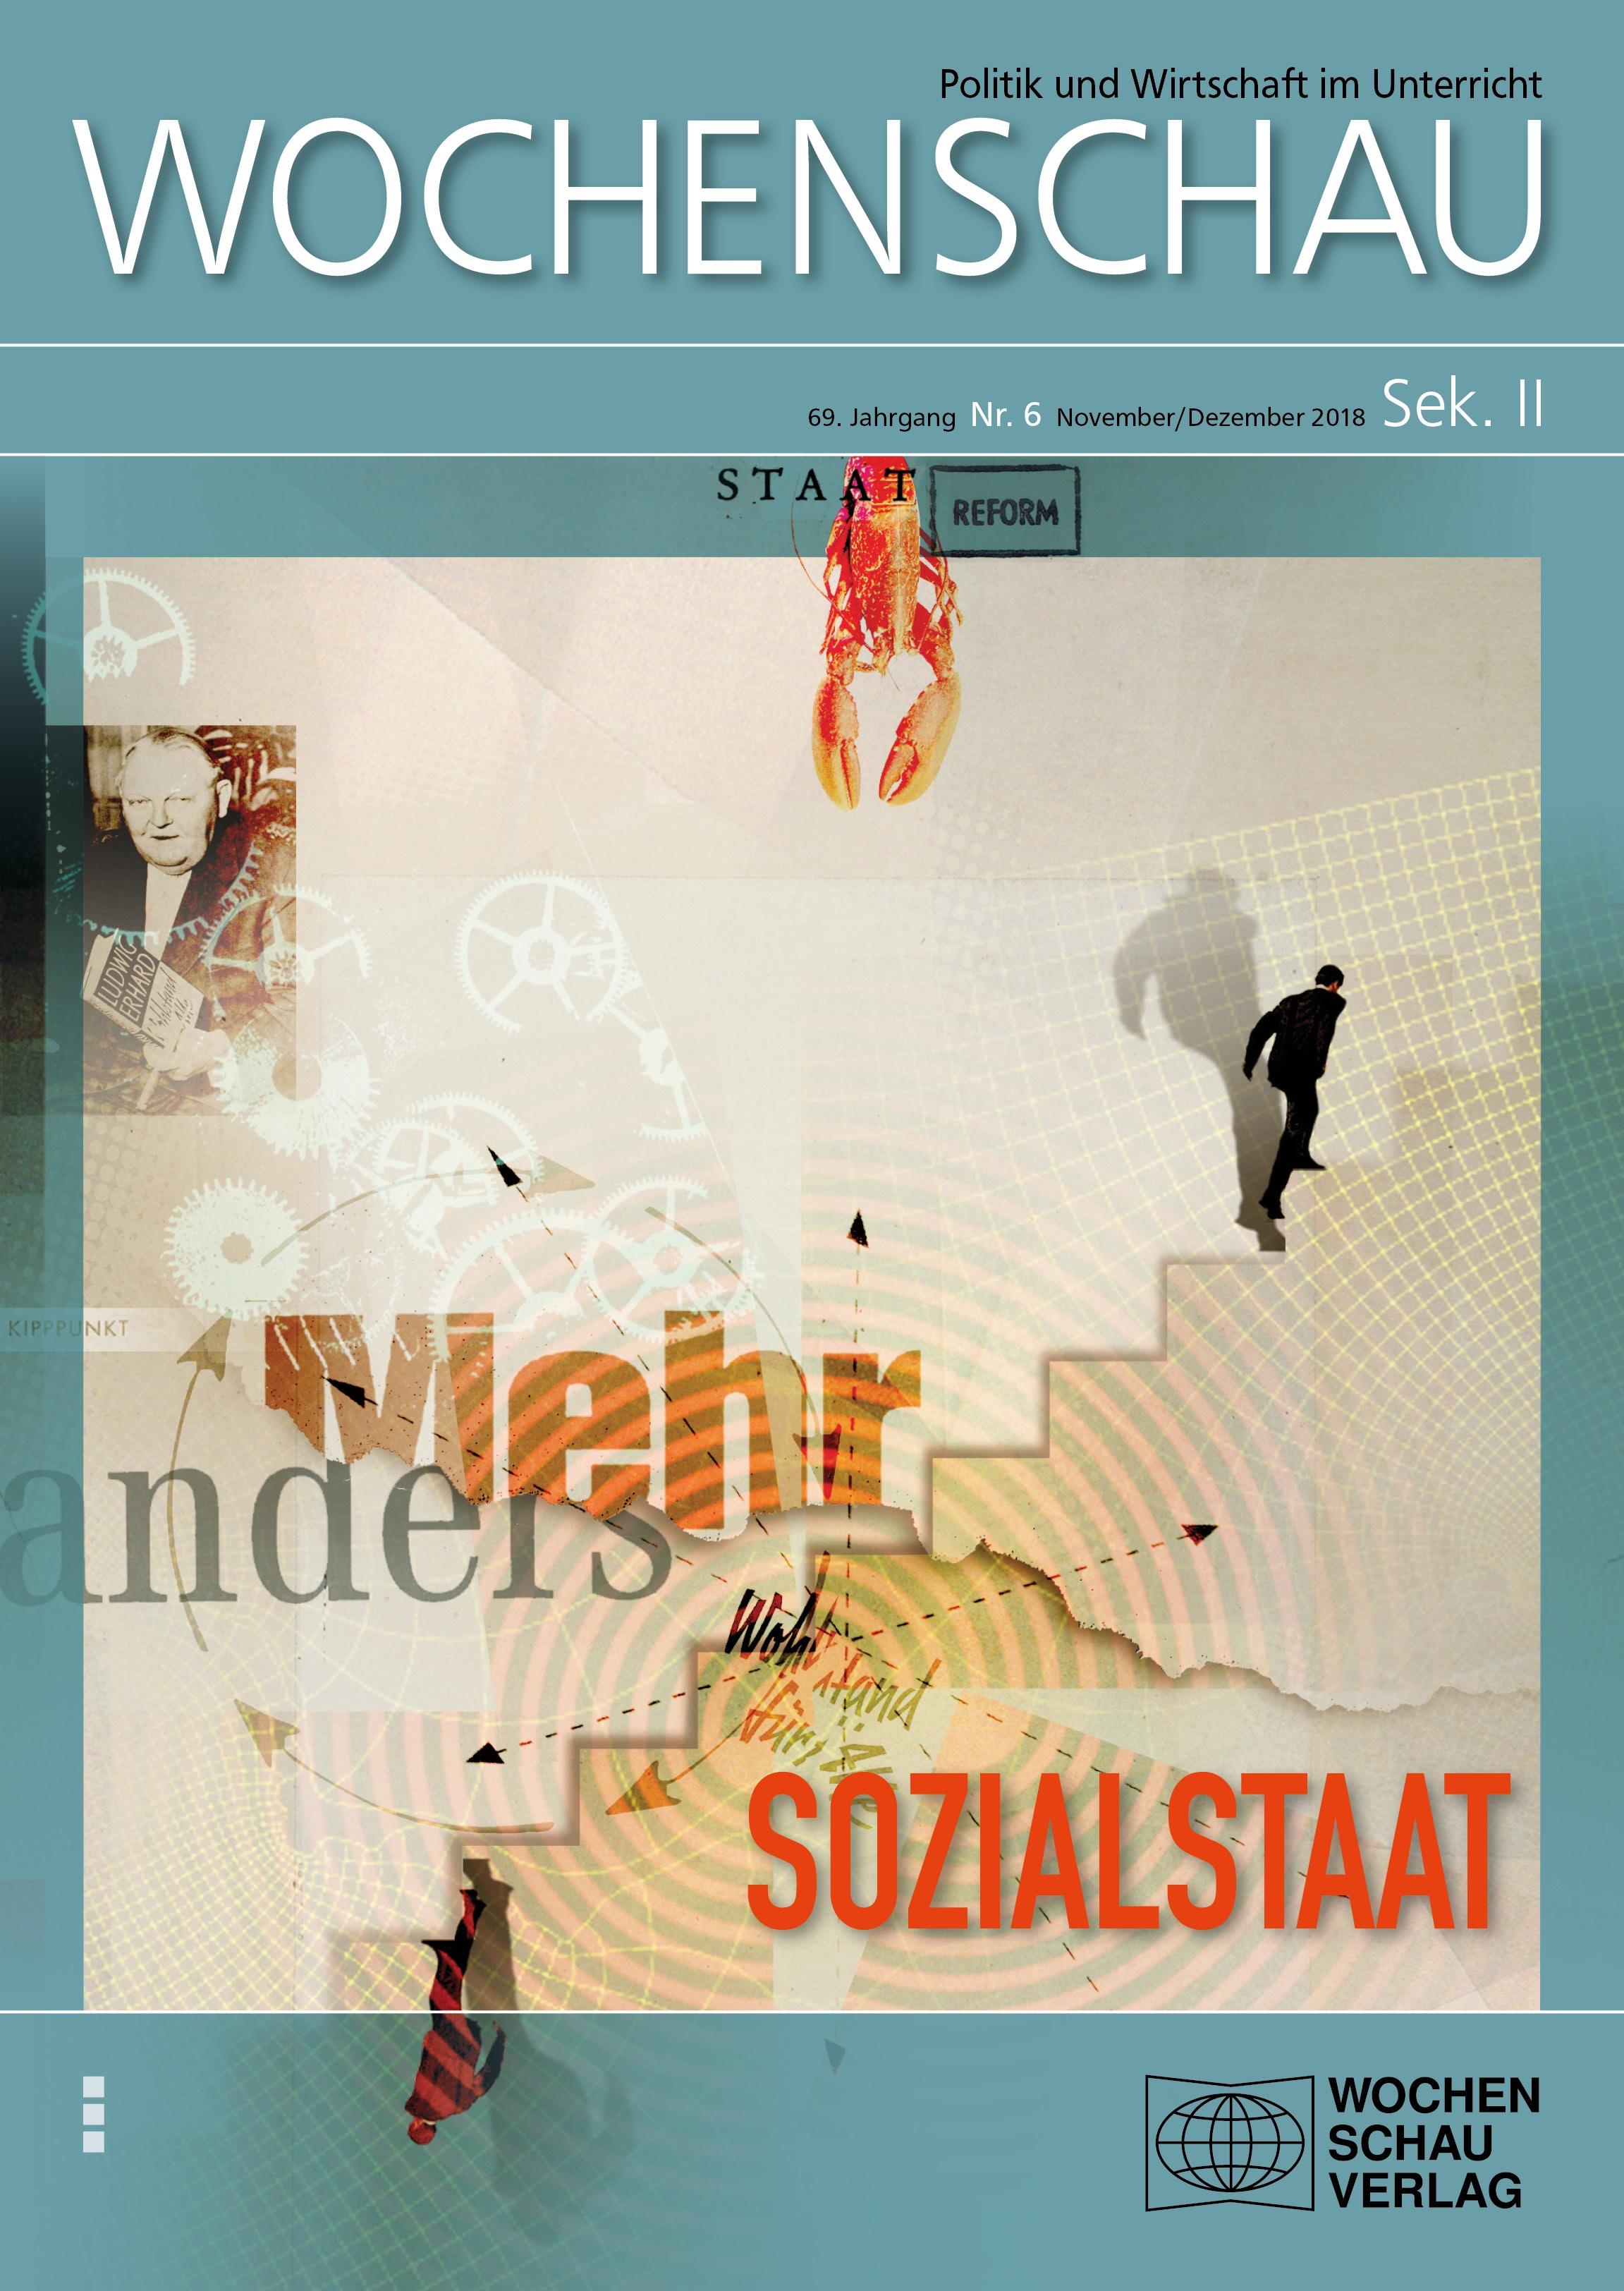 Sozialstaat, soziale Ungleichheit, Bedingungsloses Grundeinkommen, Sozialstaatlichkeit, Wohlfahrtsstaat, Gerechtigkeit